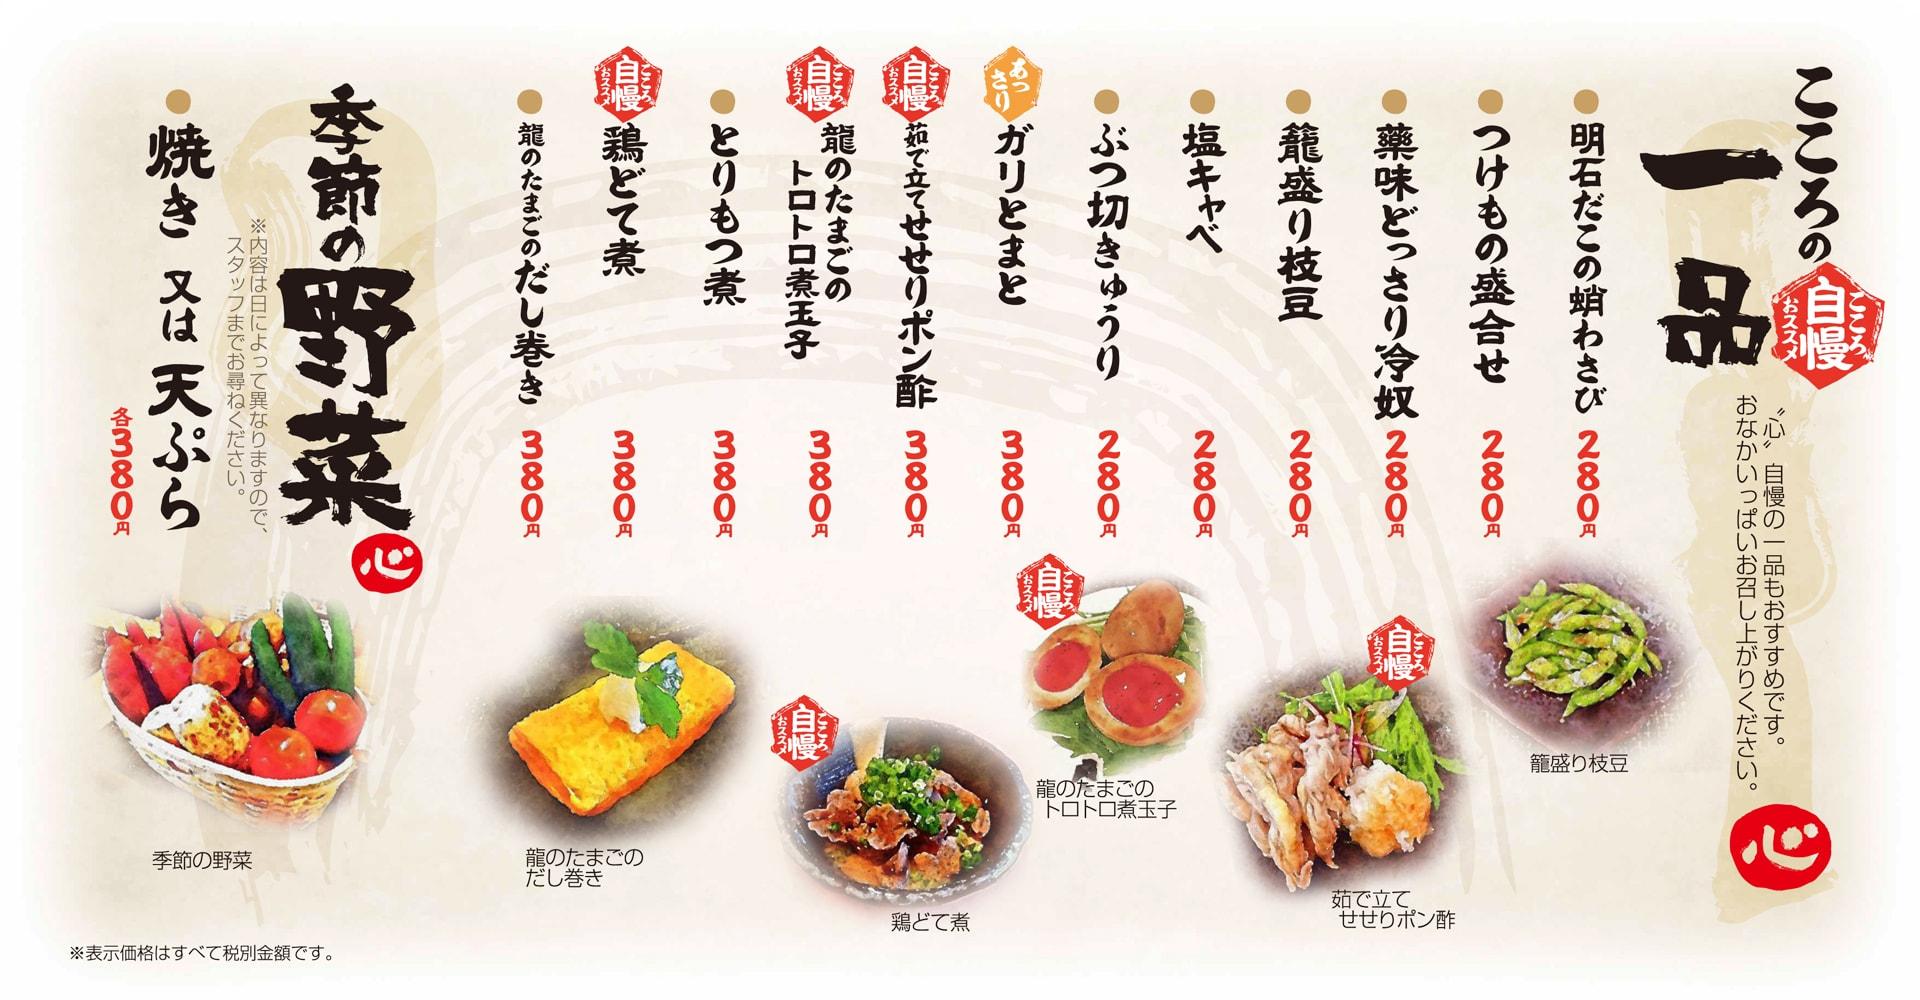 心八剣伝 一品・季節の野菜